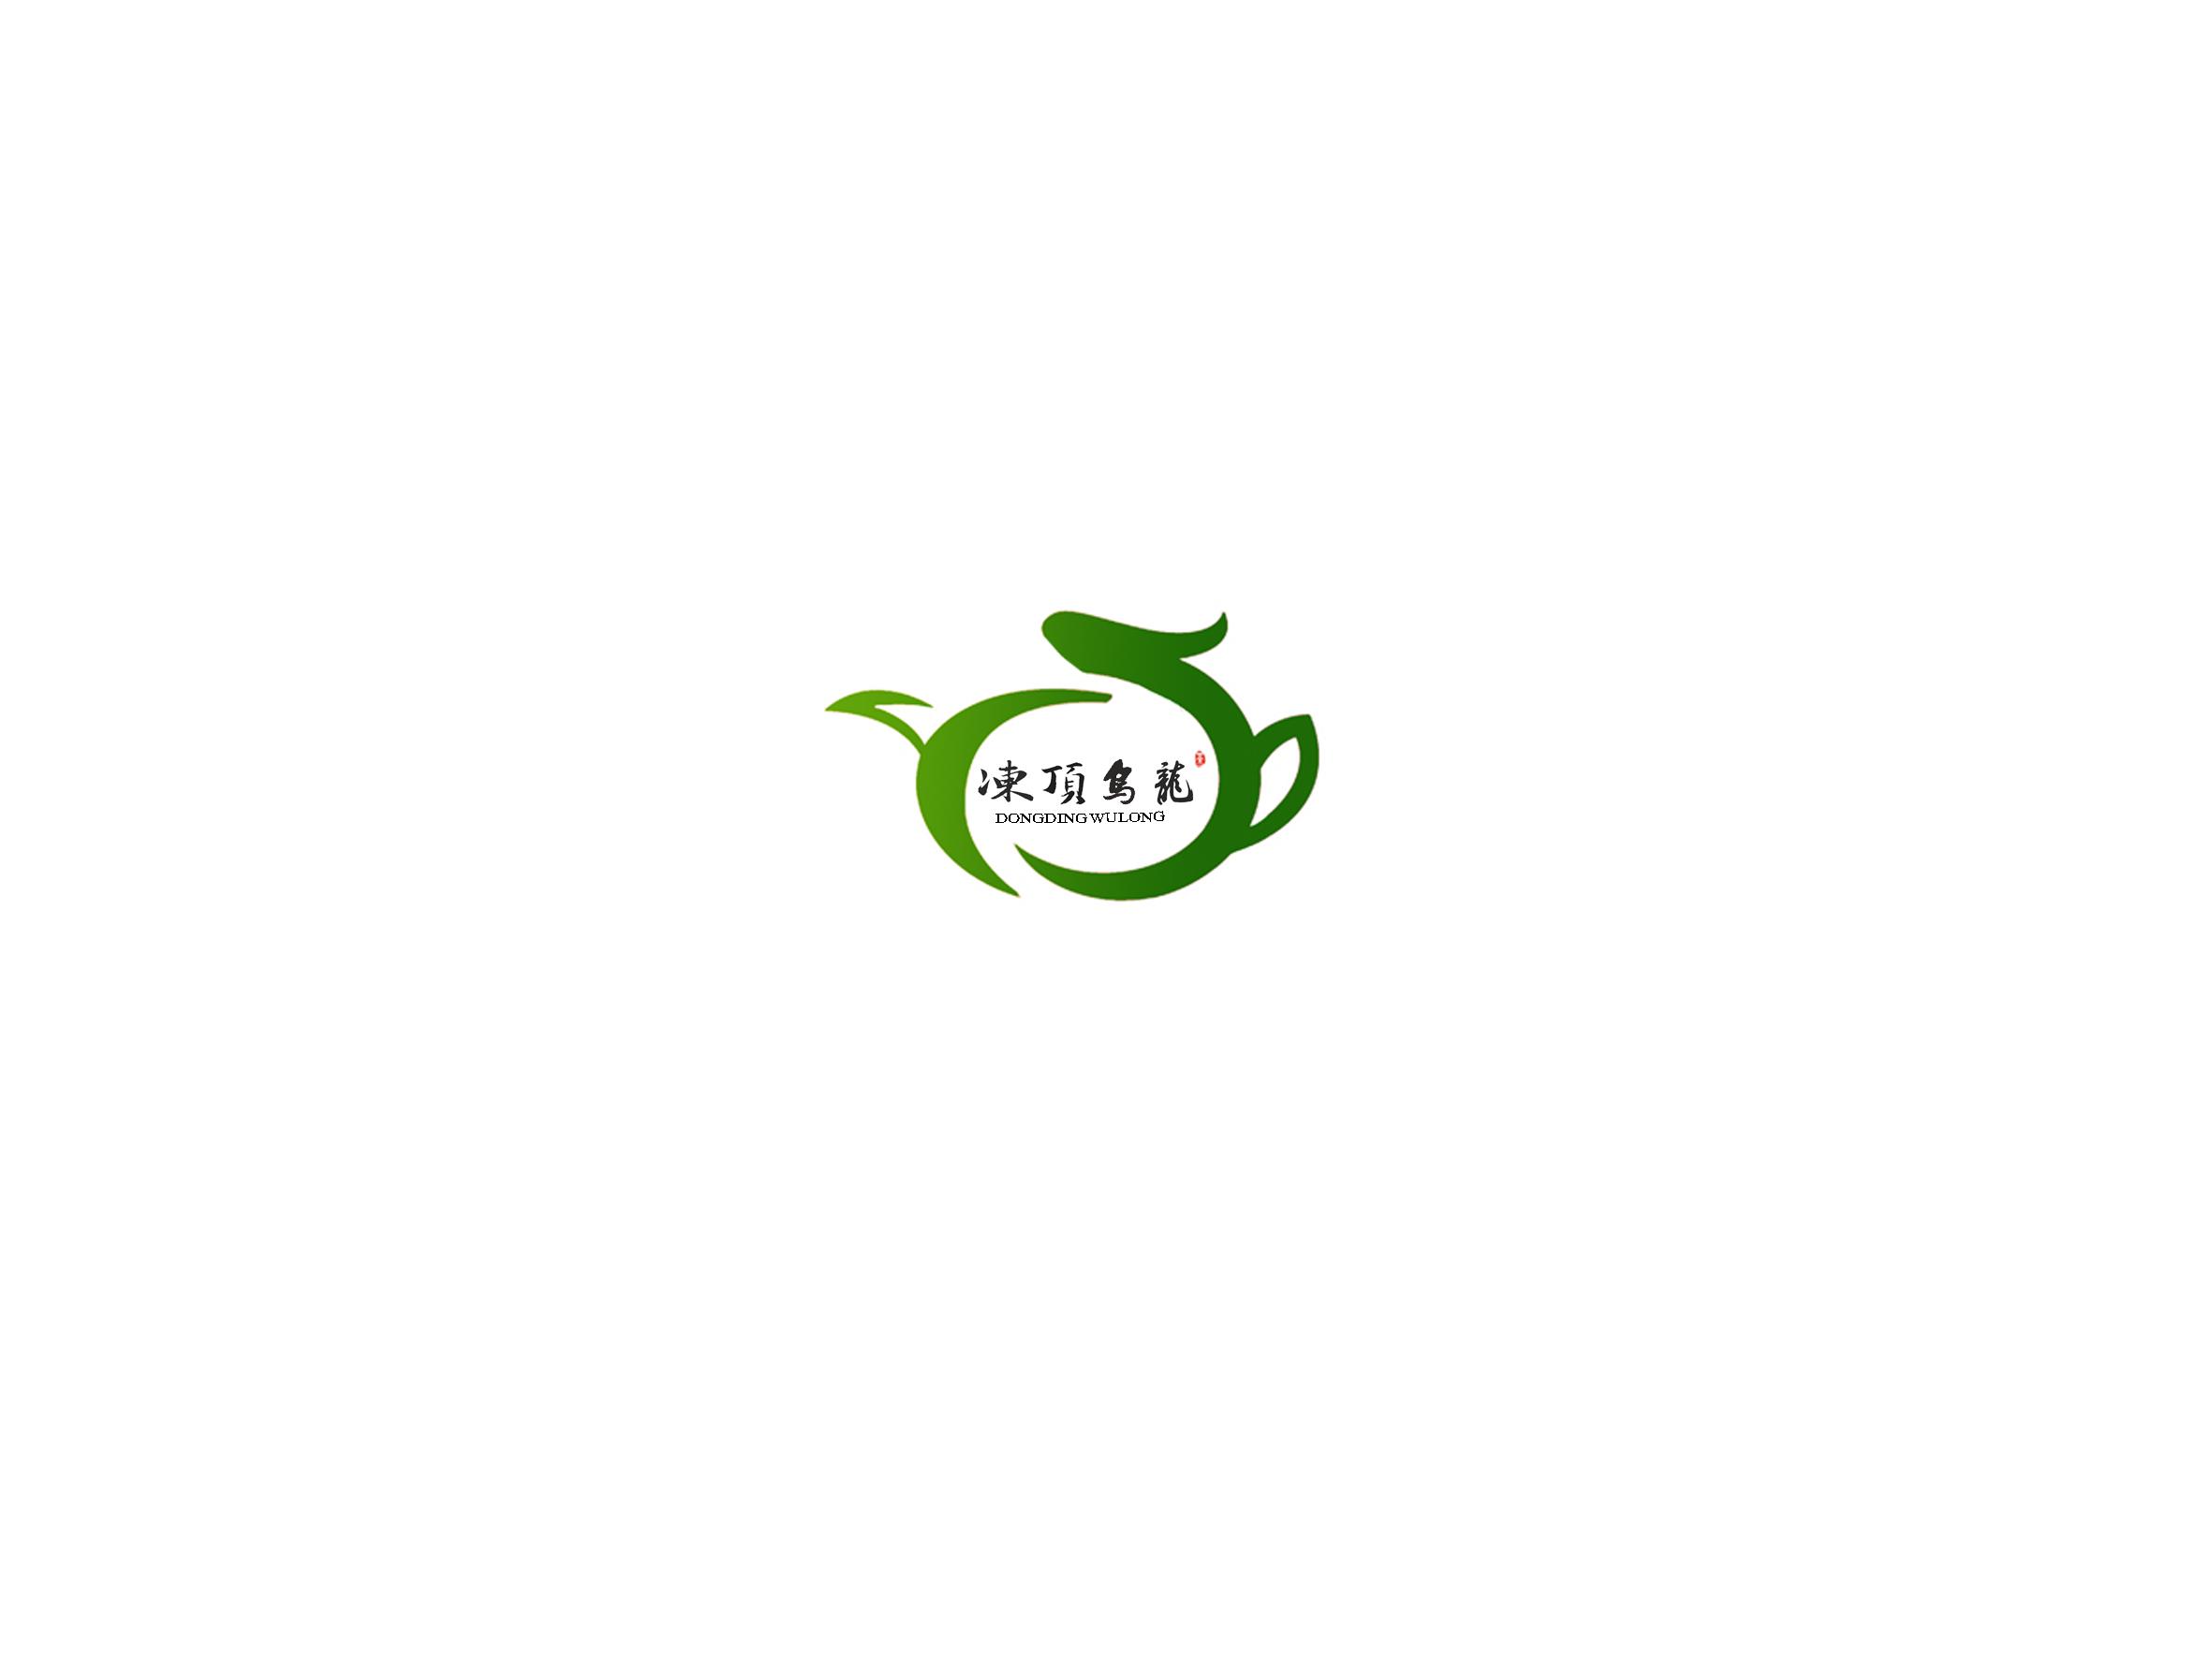 """""""冻顶乌龙""""茶叶logo设计"""